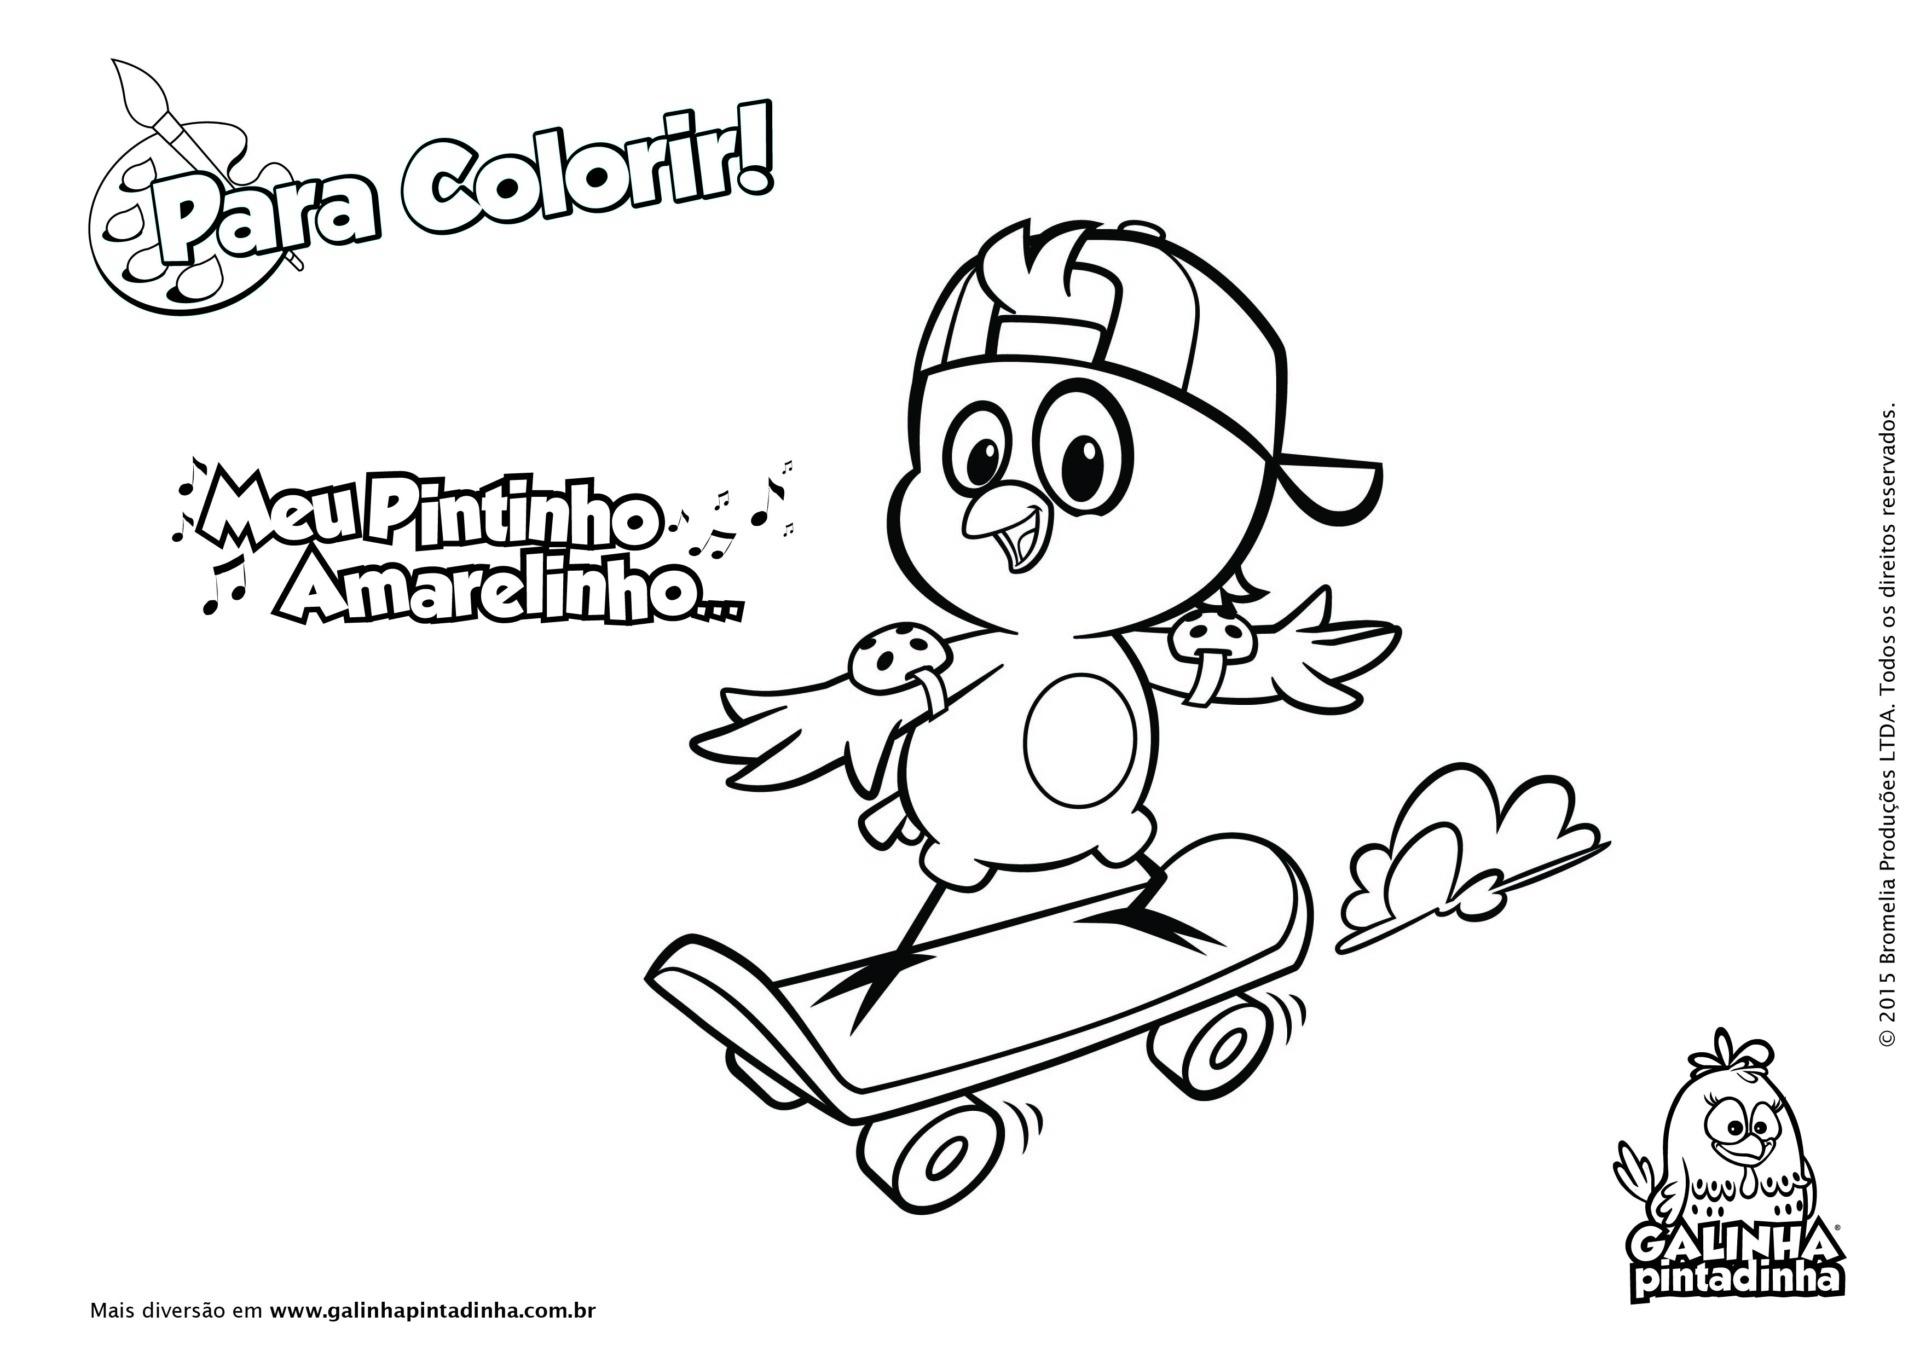 Desenho De Skate Para Imprimir: Site Oficial Da Galinha Pintadinha